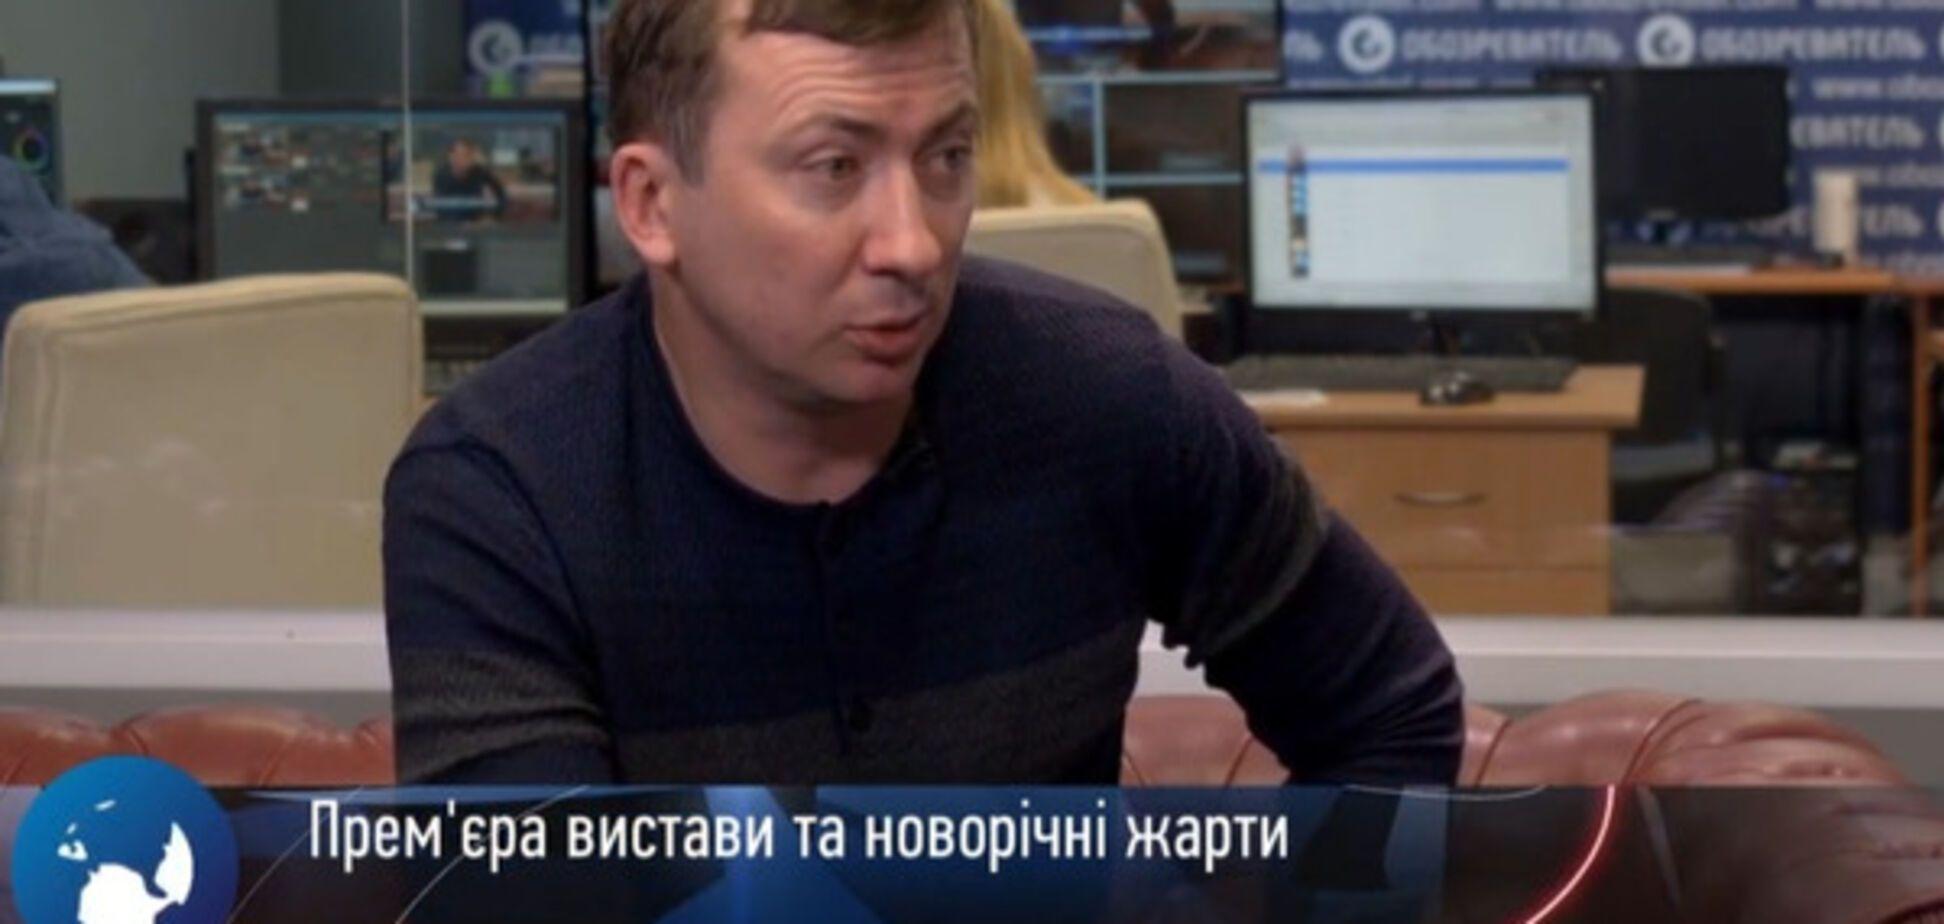 Валерий Жидков Обозреватель